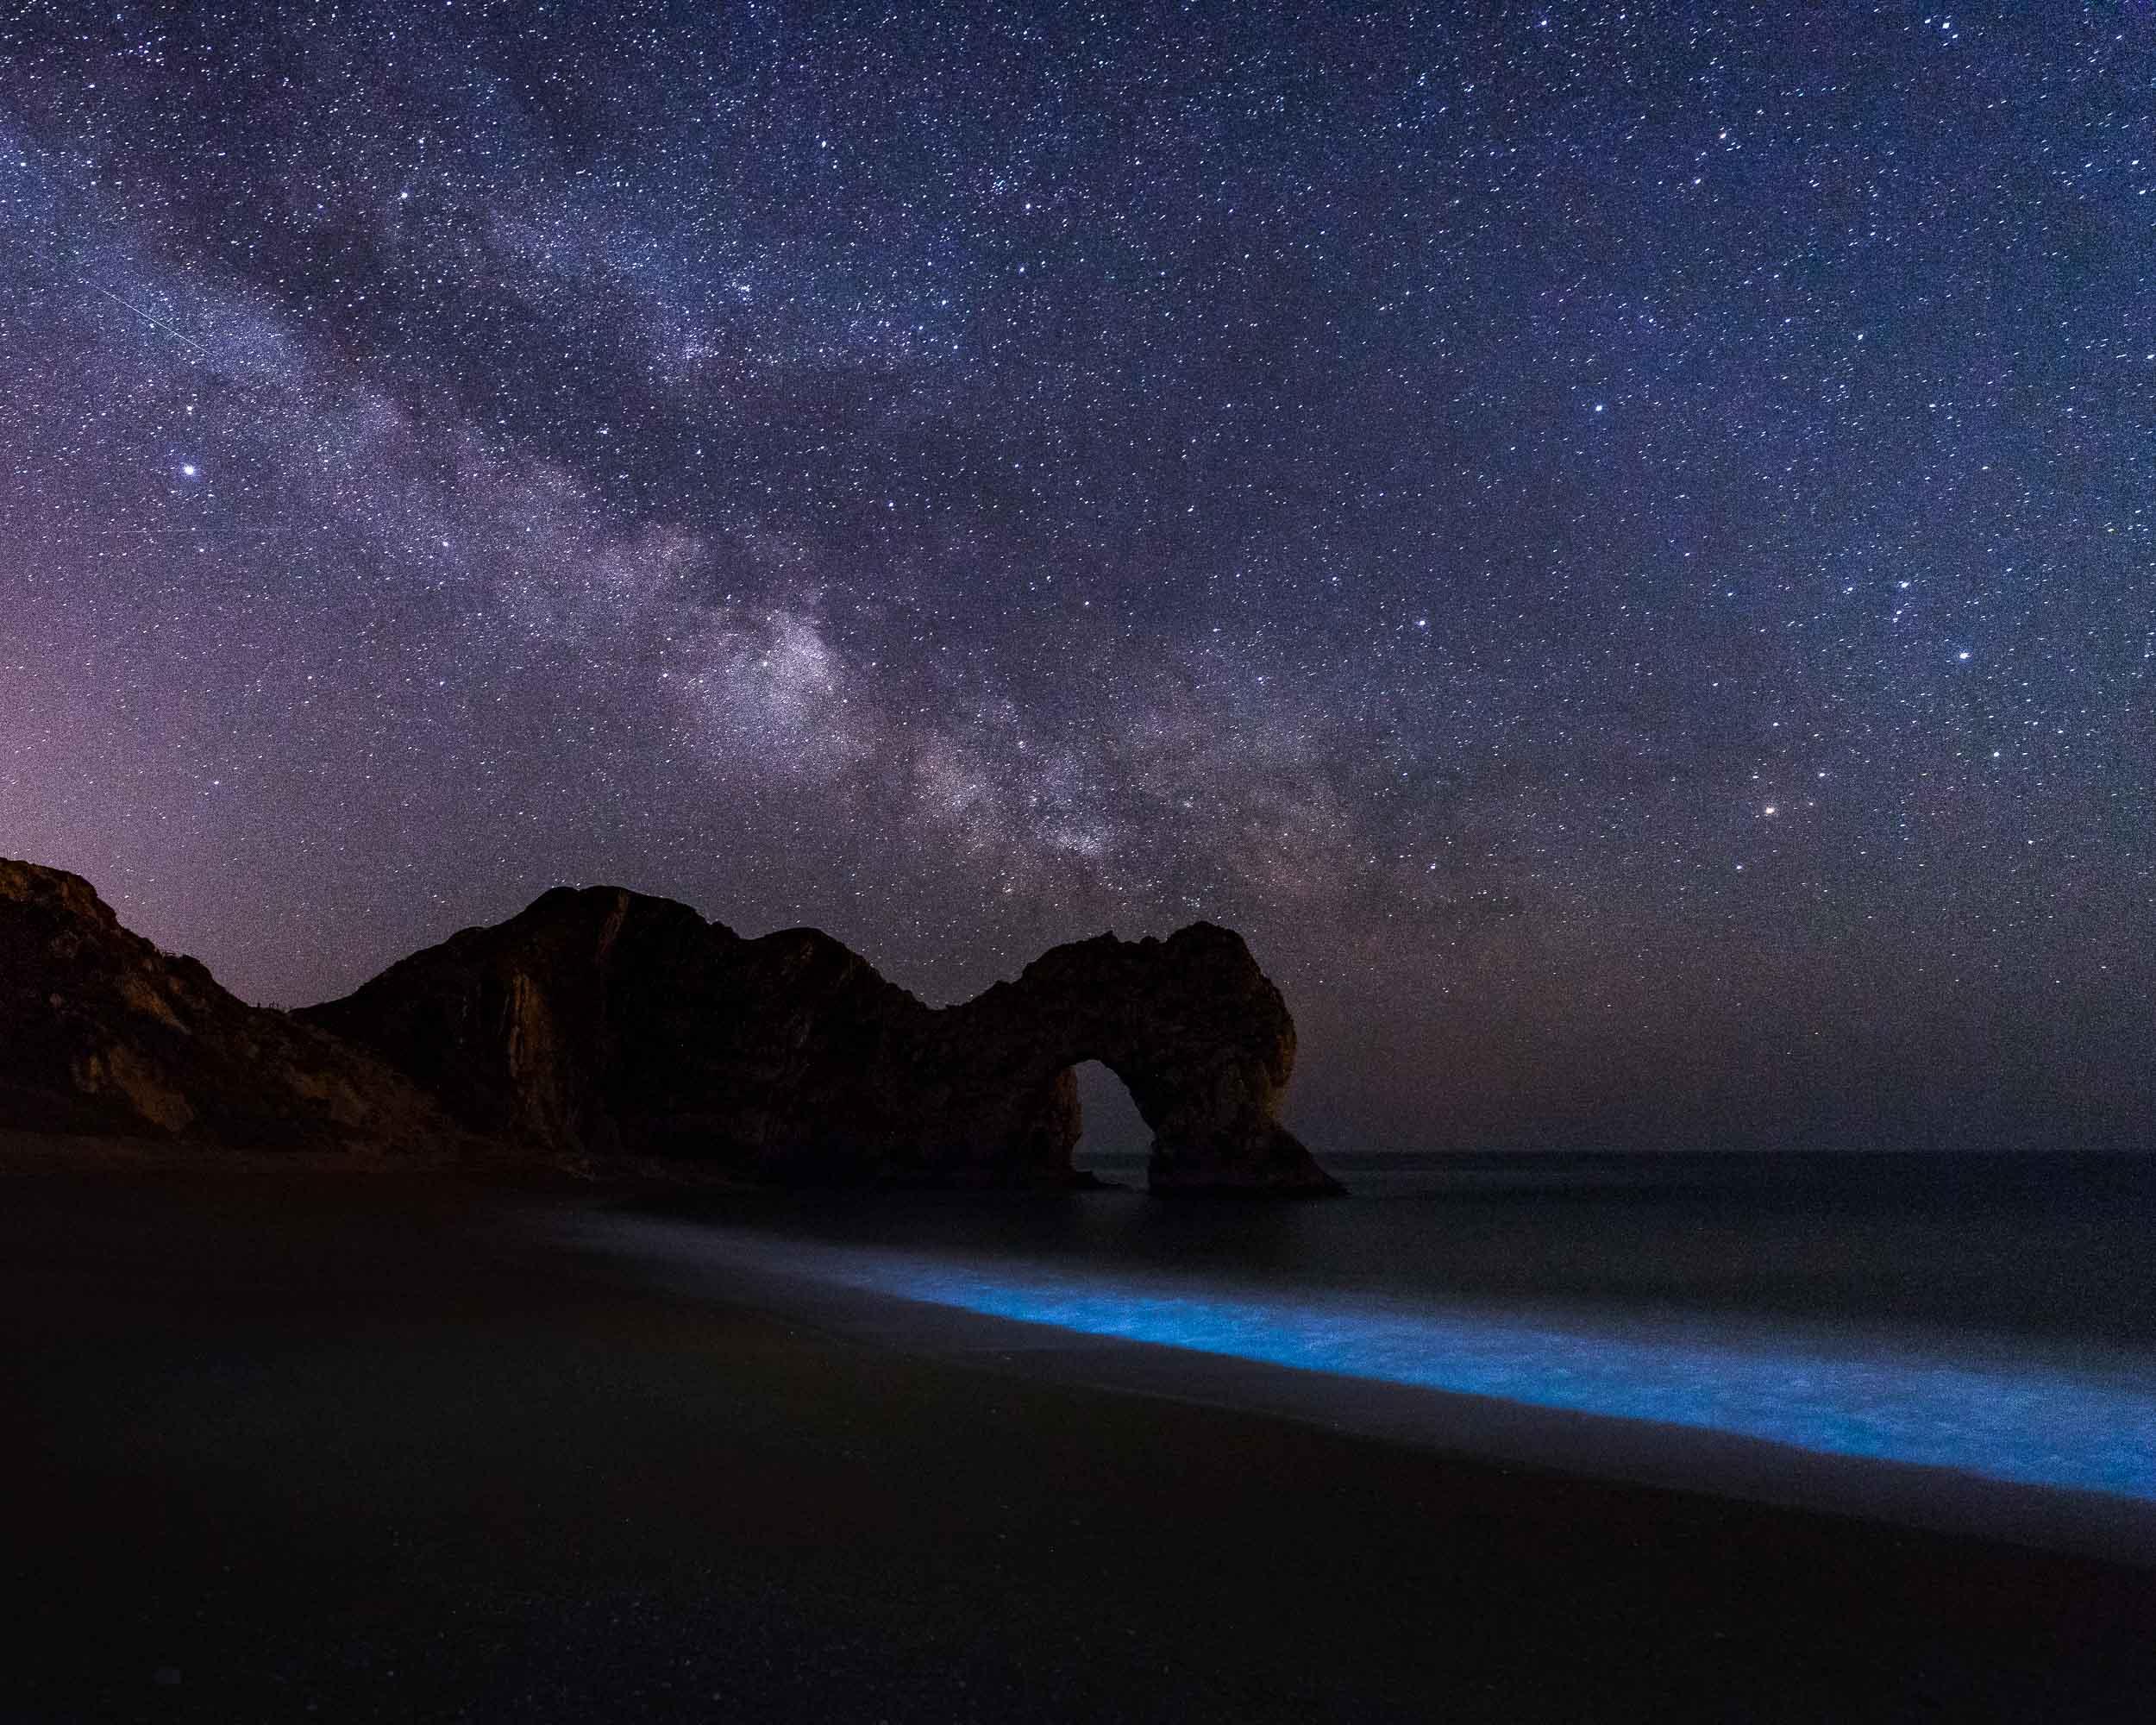 Bioluminescent Algae Durdle Door, Dorset